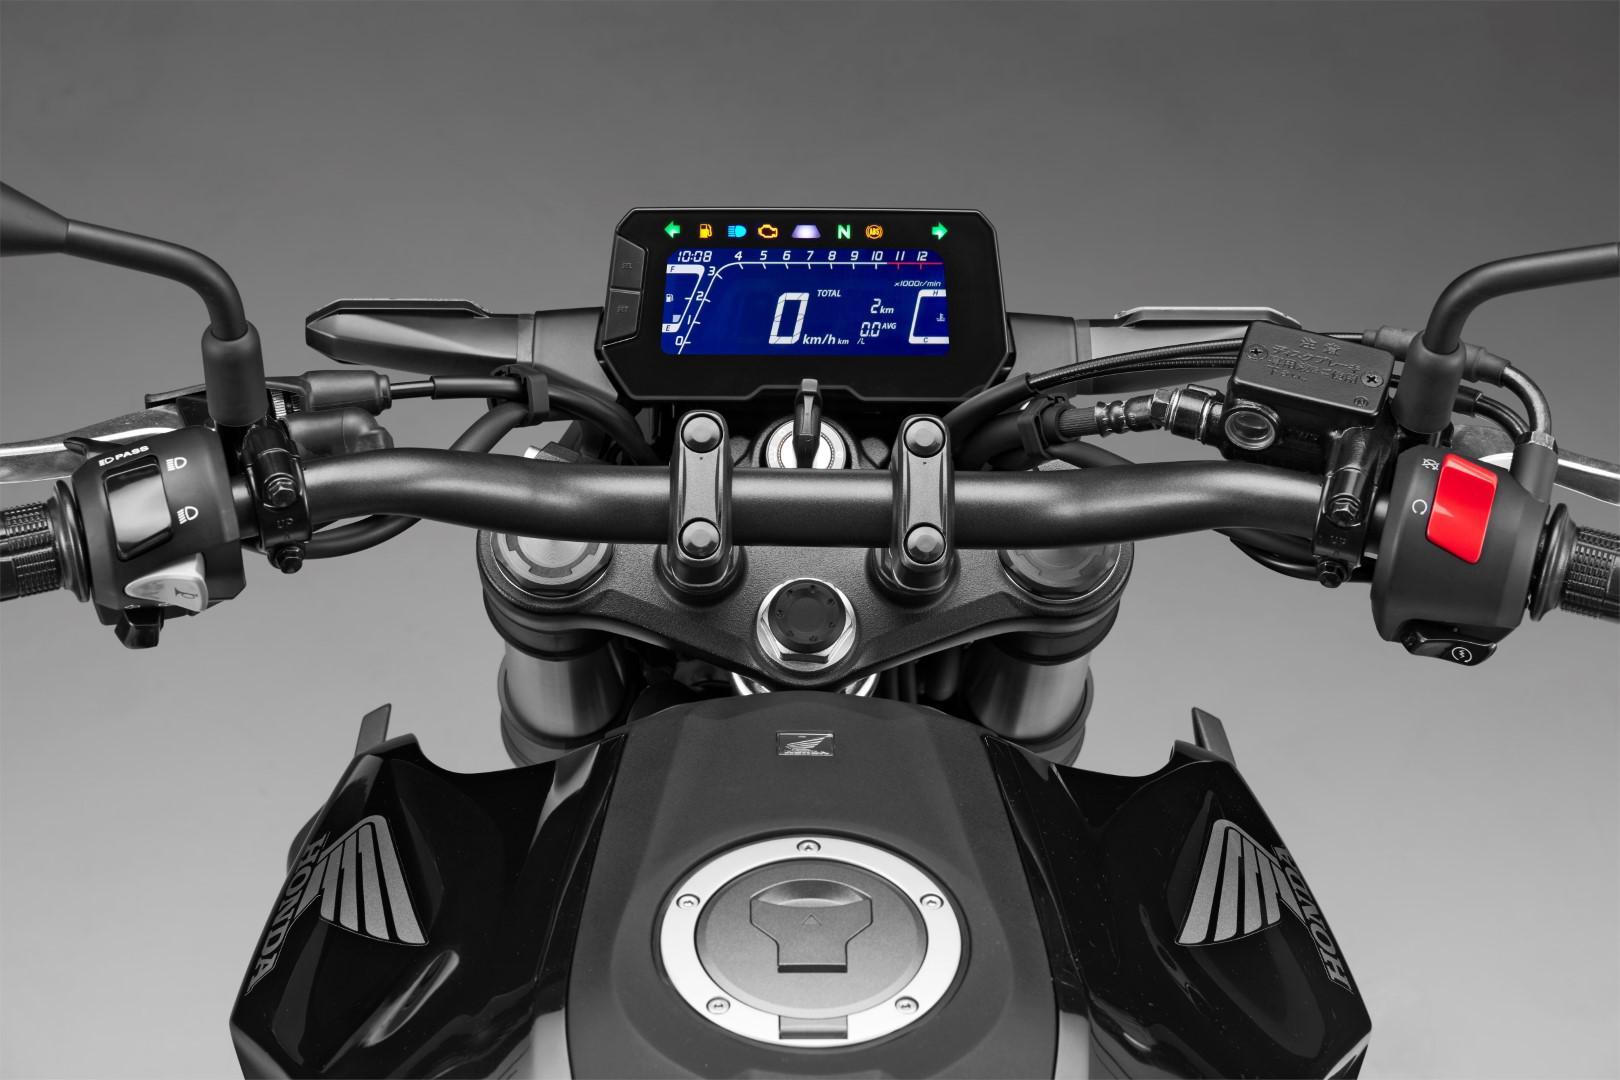 les-motos-2018-qu-on-espere-voir-au-maroc-506-36.jpg